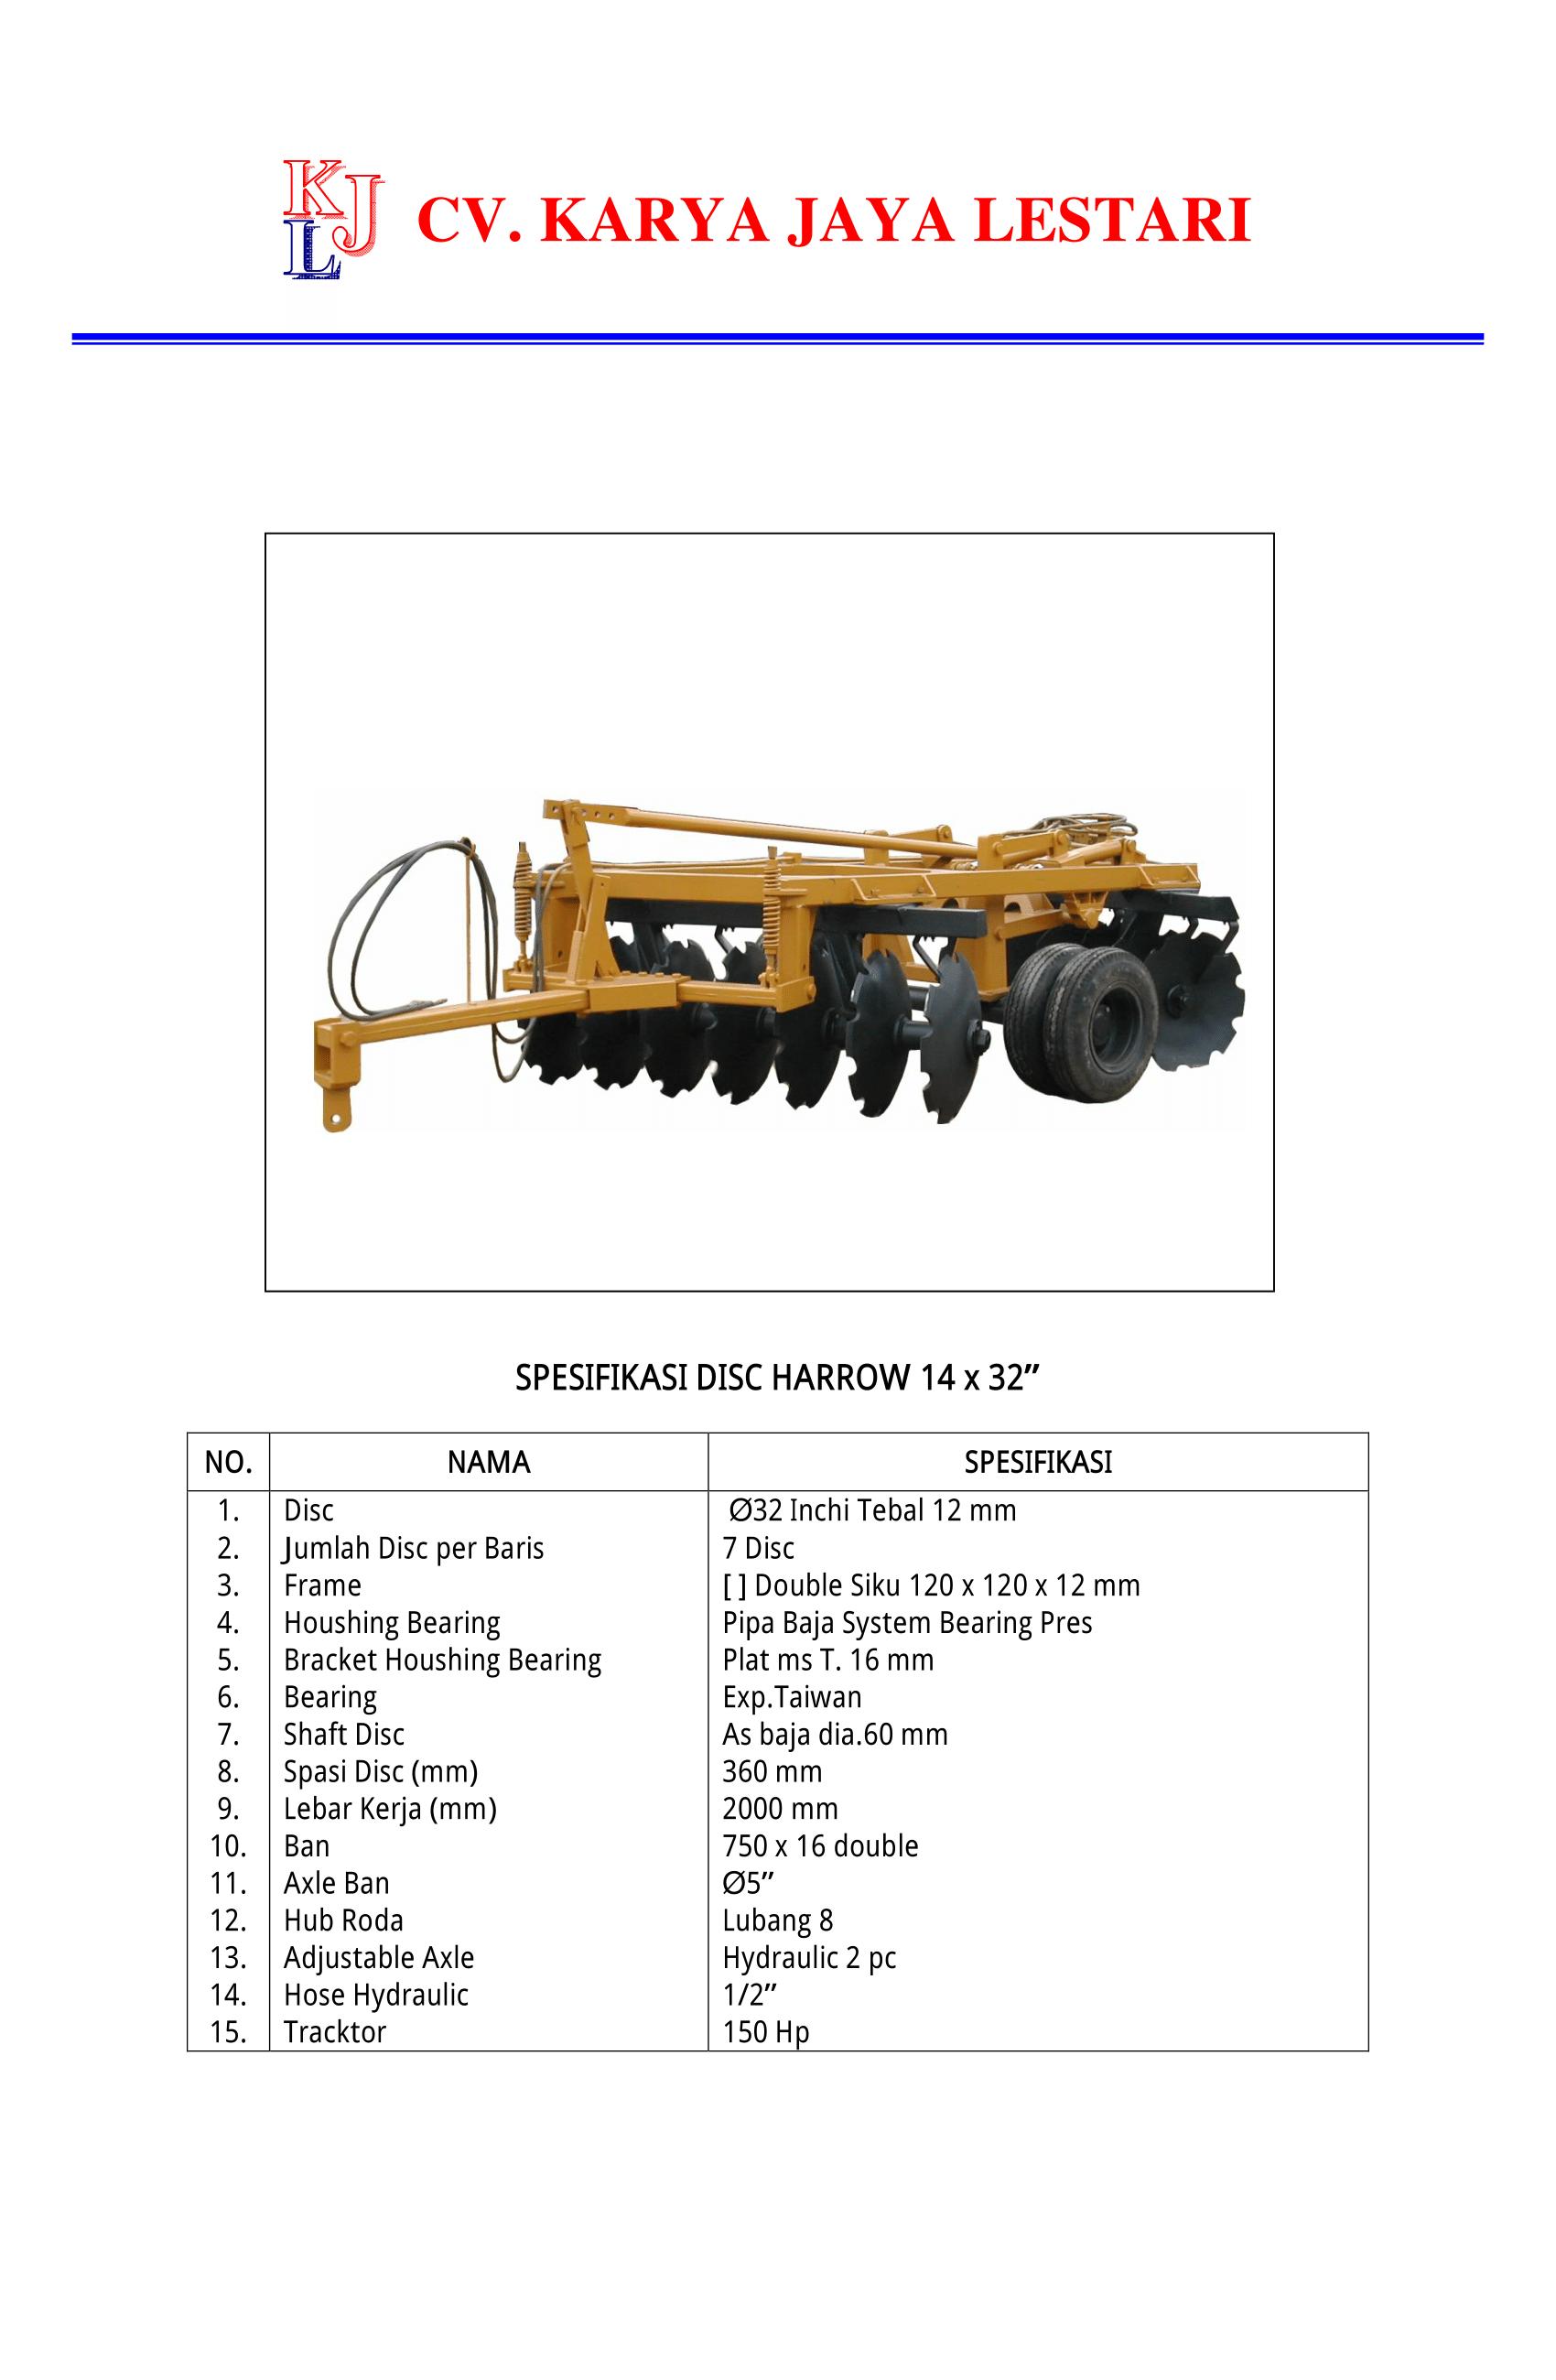 harrow-14-x-32-1